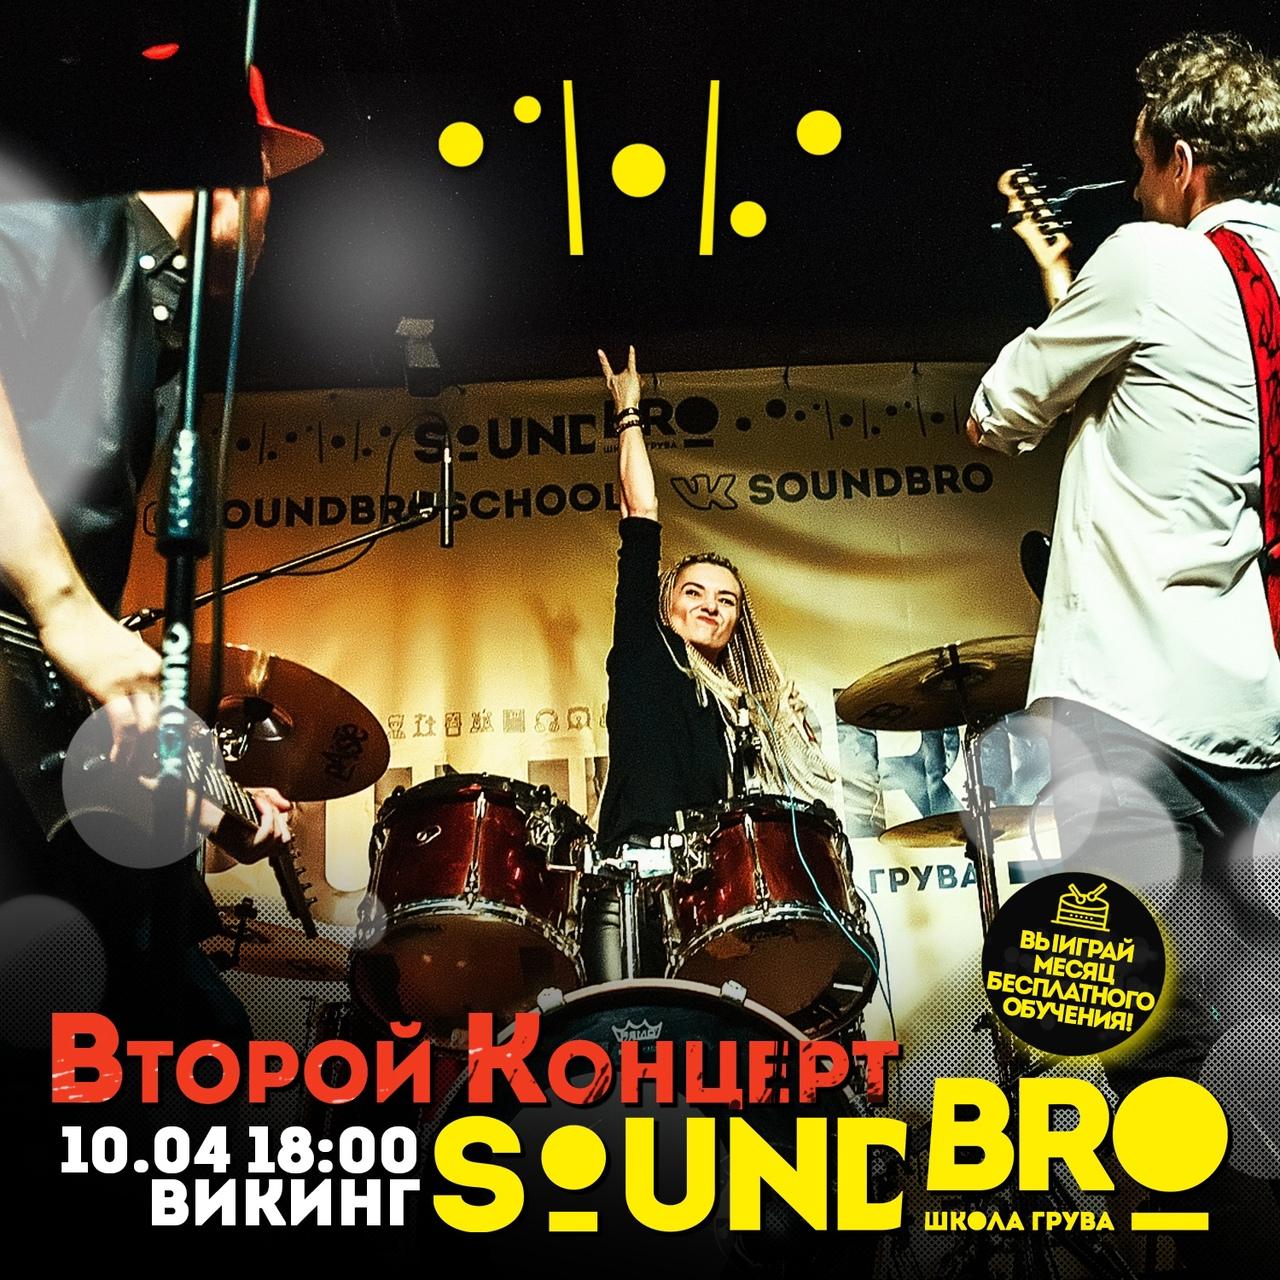 Афиша Омск Второй концерт SoundBRO